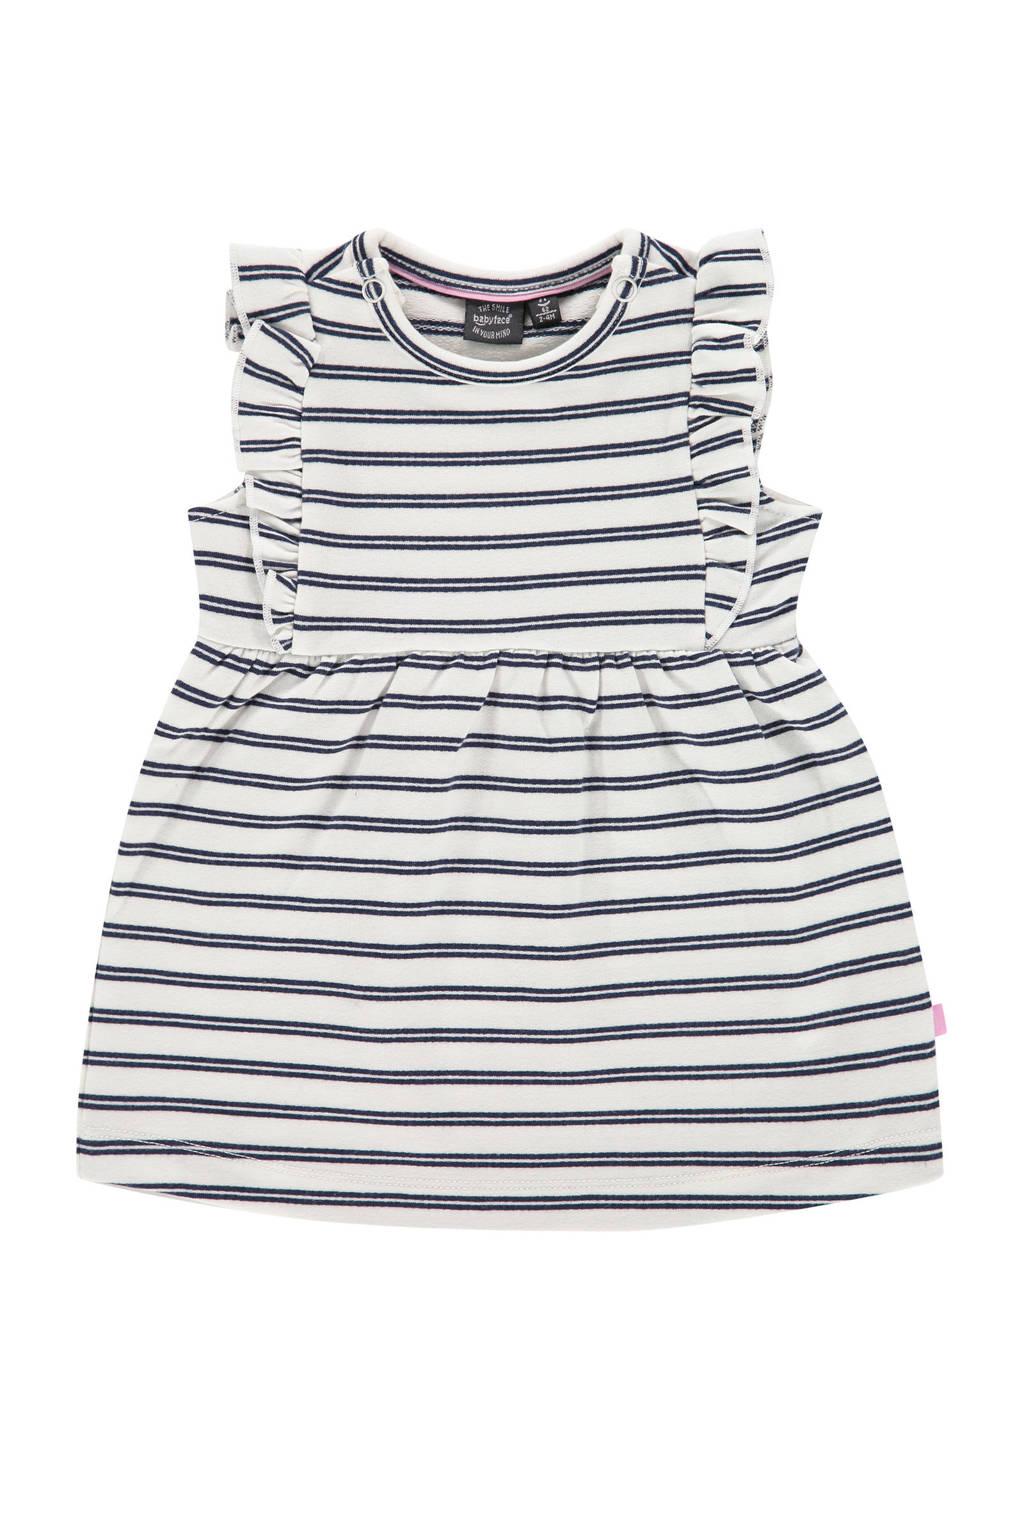 Babyface gestreepte baby jurk met biologisch katoen ecru/donkerblauw, Ecru/donkerblauw